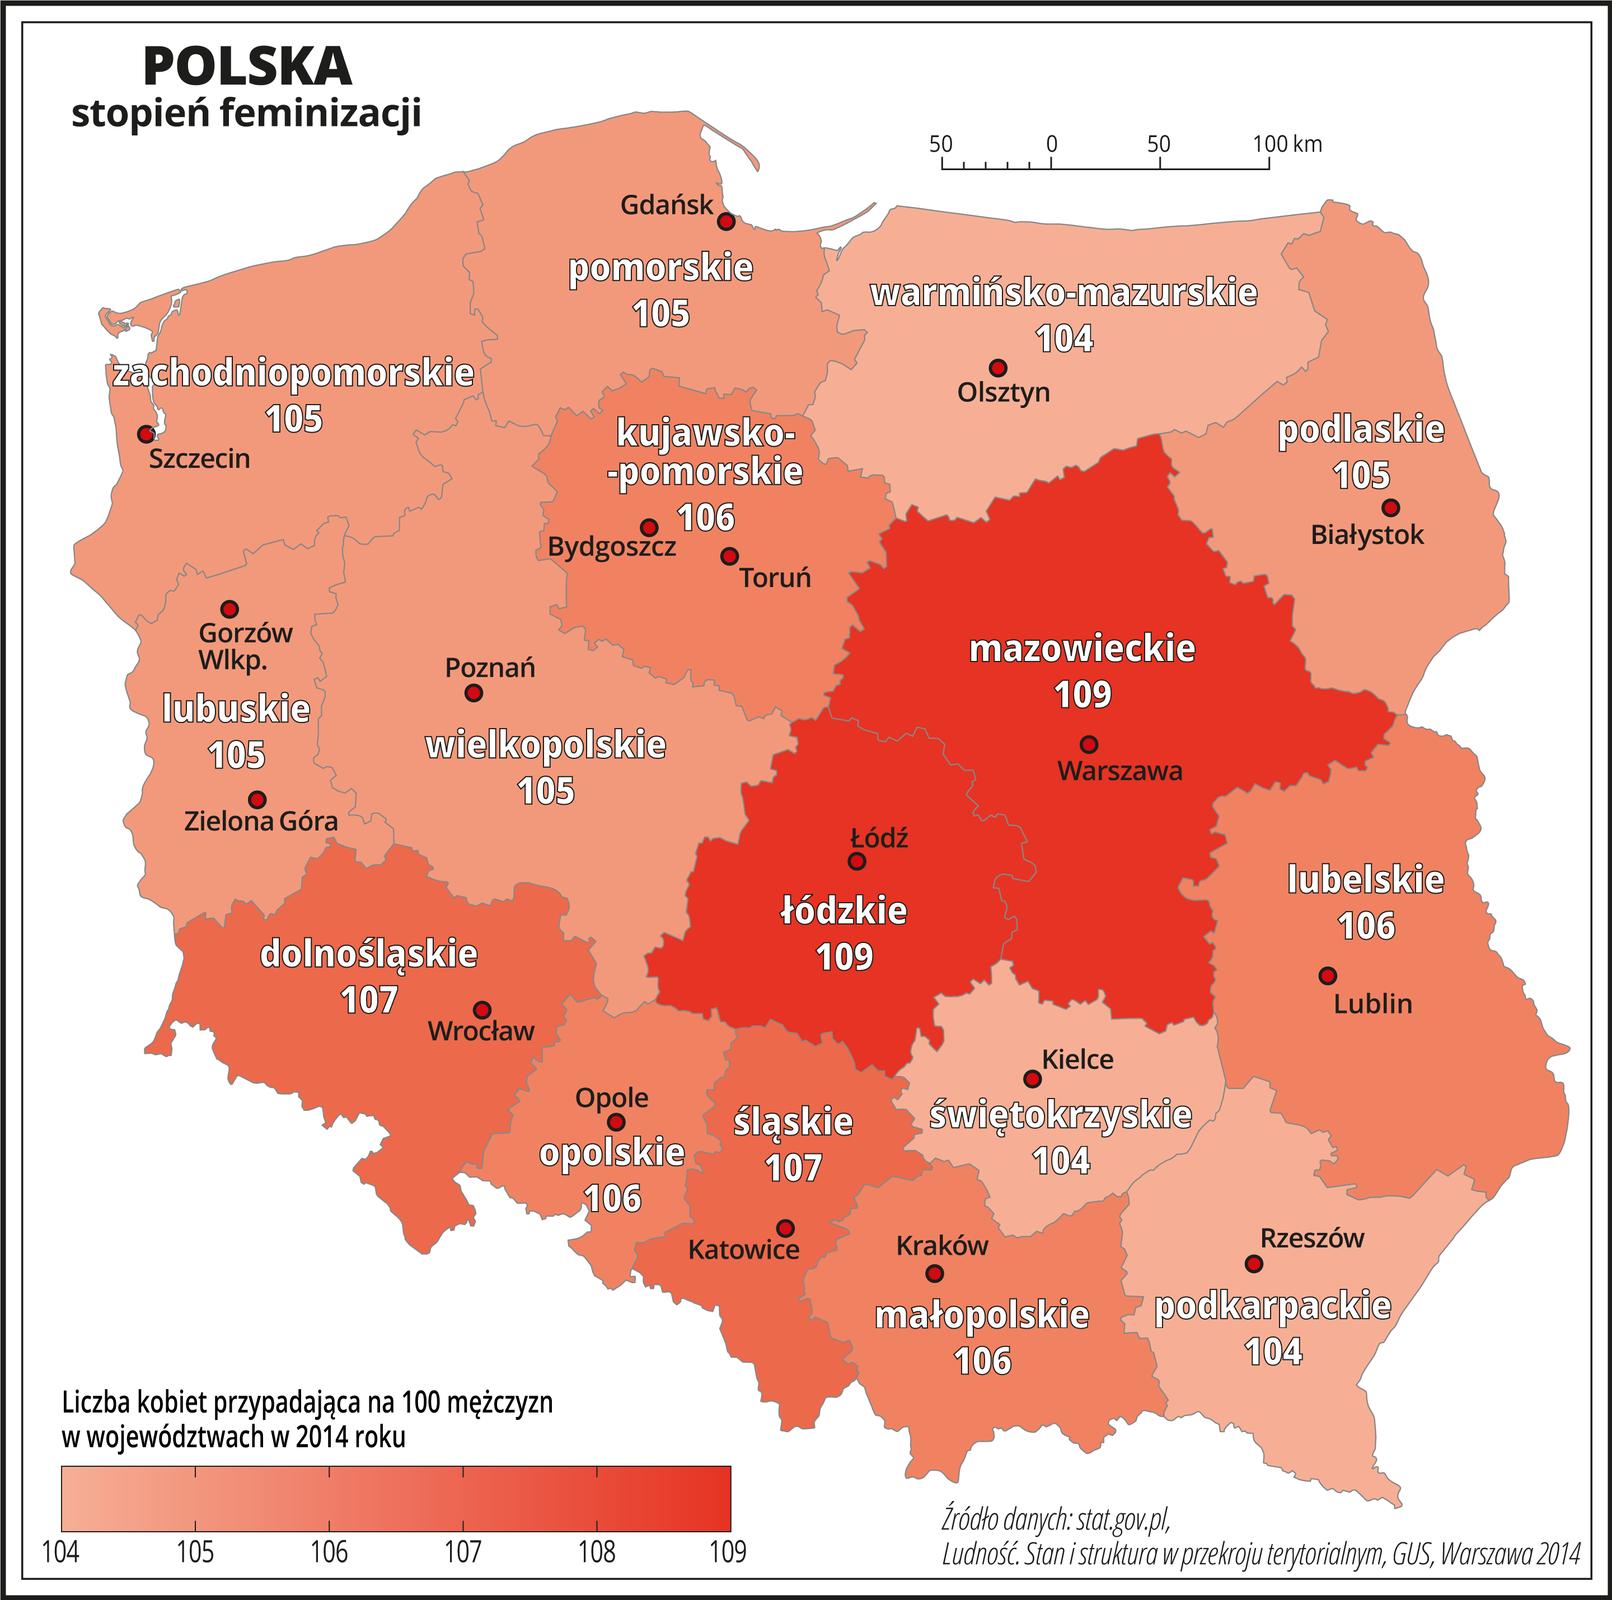 Ilustracja przedstawia mapę Polski zpodziałem na województwa. Na mapie przedstawiono stopień feminizacji. Dla zobrazowania zjawiska użyto odcieni koloru pomarańczowego – im jaśniejszy kolor tym stopień feminizacji mniejszy. Dodatkowo pod nazwami województw opisanymi na mapie umieszczono liczbę kobiet przypadającą na stu mężczyzn (od stu czterech wwojewództwie warmińsko-mazurskim, podkarpackim iświętokrzyskim do stu dziewięciu wwojewództwie mazowieckim iłódzkim). Czerwonymi kropkami zaznaczono miasta wojewódzkie. Po lewej stronie mapy na dole wlegendzie umieszczono objaśnienie kolorów użytych na mapie.